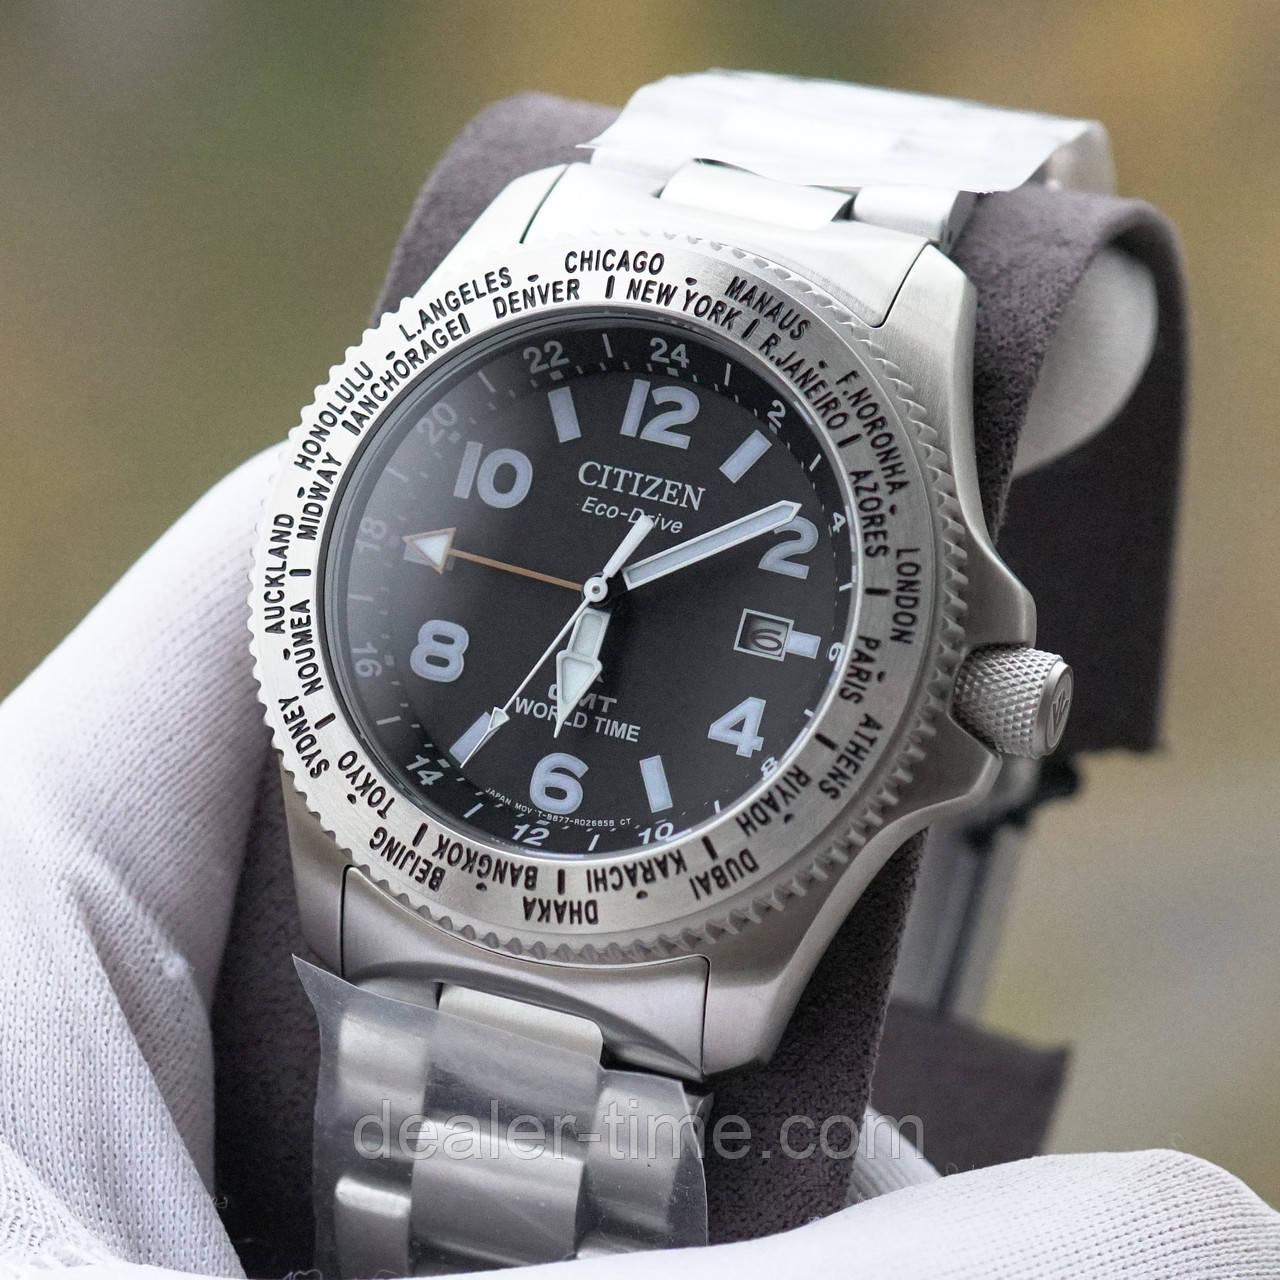 Promaster citizen продам часы по пенза квартиру сдам часам